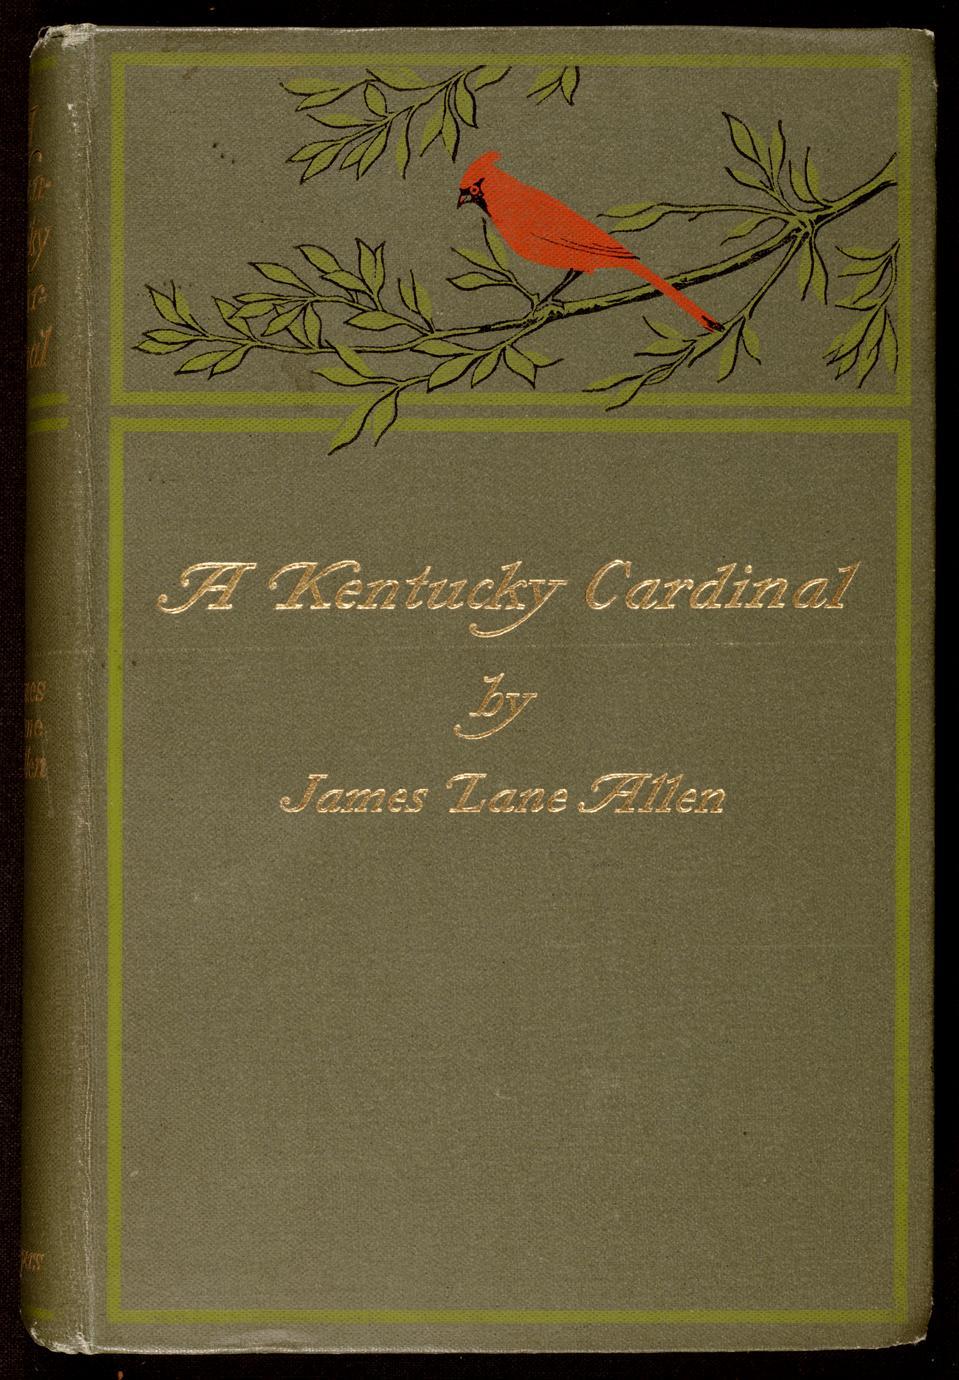 Kentucky cardinal : a story (1 of 2)